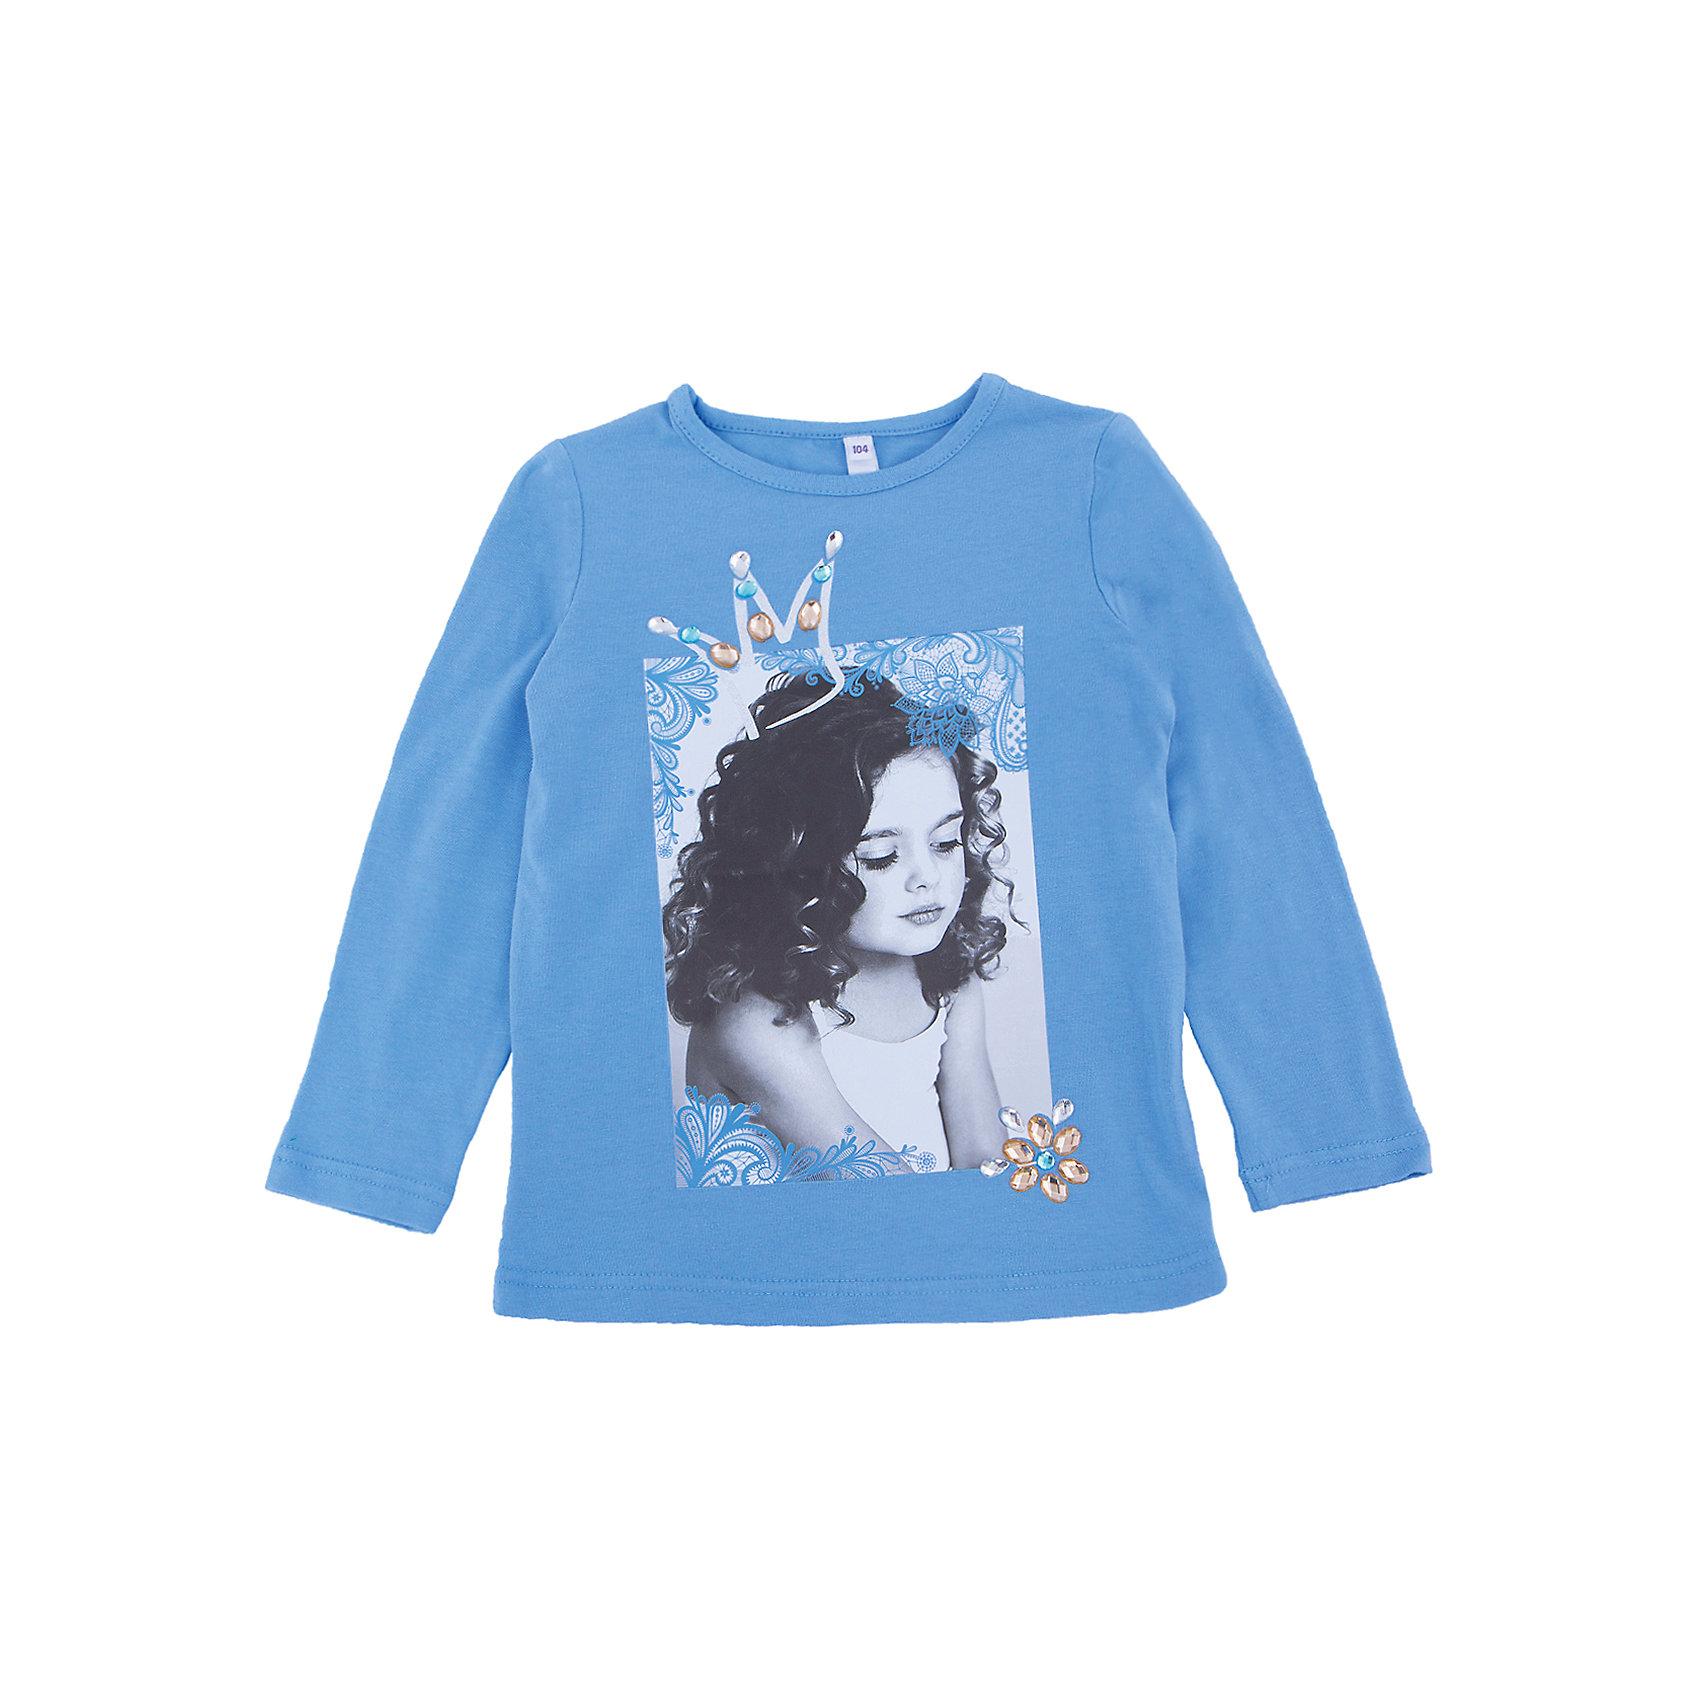 Футболка с длинным рукавом для девочки PlayTodayФутболка с длинным рукавом для девочки от известного бренда PlayToday.<br>Комплект из двух футболок - с короткими и длинными рукавами. Можно носить отдельно, а можно создать стильный образ, надев их вместе.<br>Состав:<br>95% хлопок, 5% эластан<br><br>Ширина мм: 199<br>Глубина мм: 10<br>Высота мм: 161<br>Вес г: 151<br>Цвет: голубой<br>Возраст от месяцев: 36<br>Возраст до месяцев: 48<br>Пол: Женский<br>Возраст: Детский<br>Размер: 104,122,98,116,110,128<br>SKU: 4897131